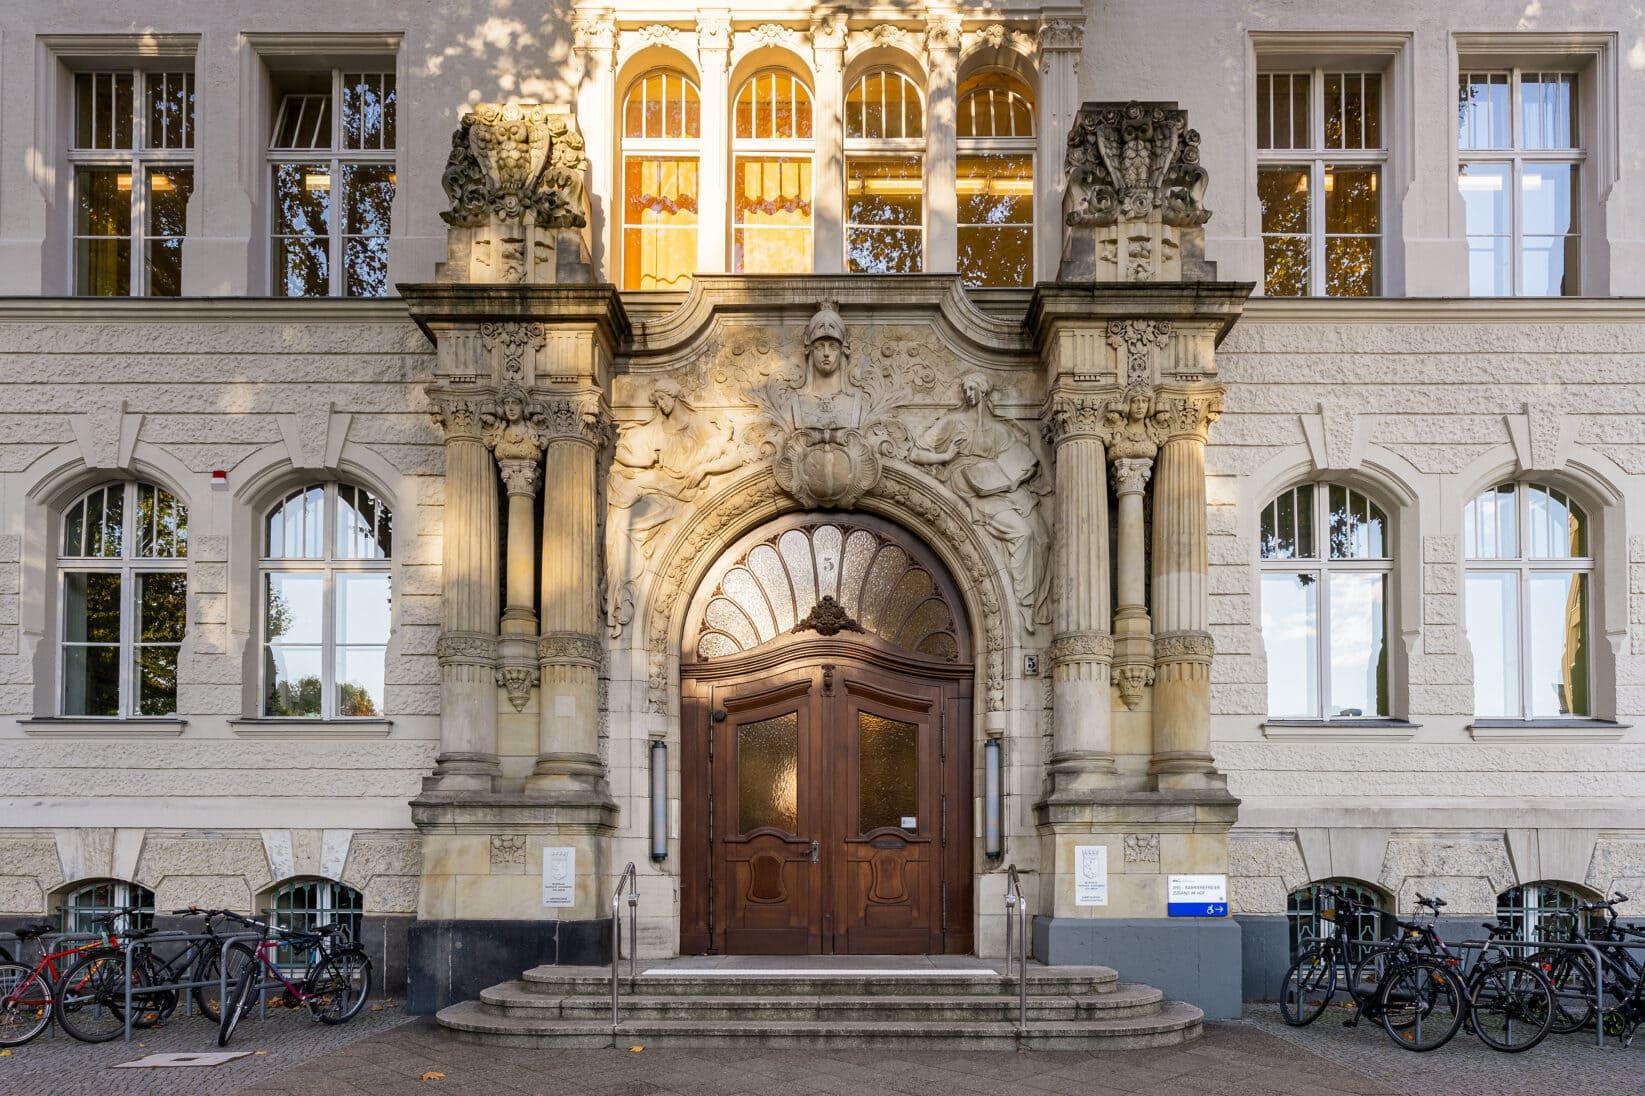 Eingang der Volkshochschule Tempelhof-Schöneberg mit neuen Leitschildern